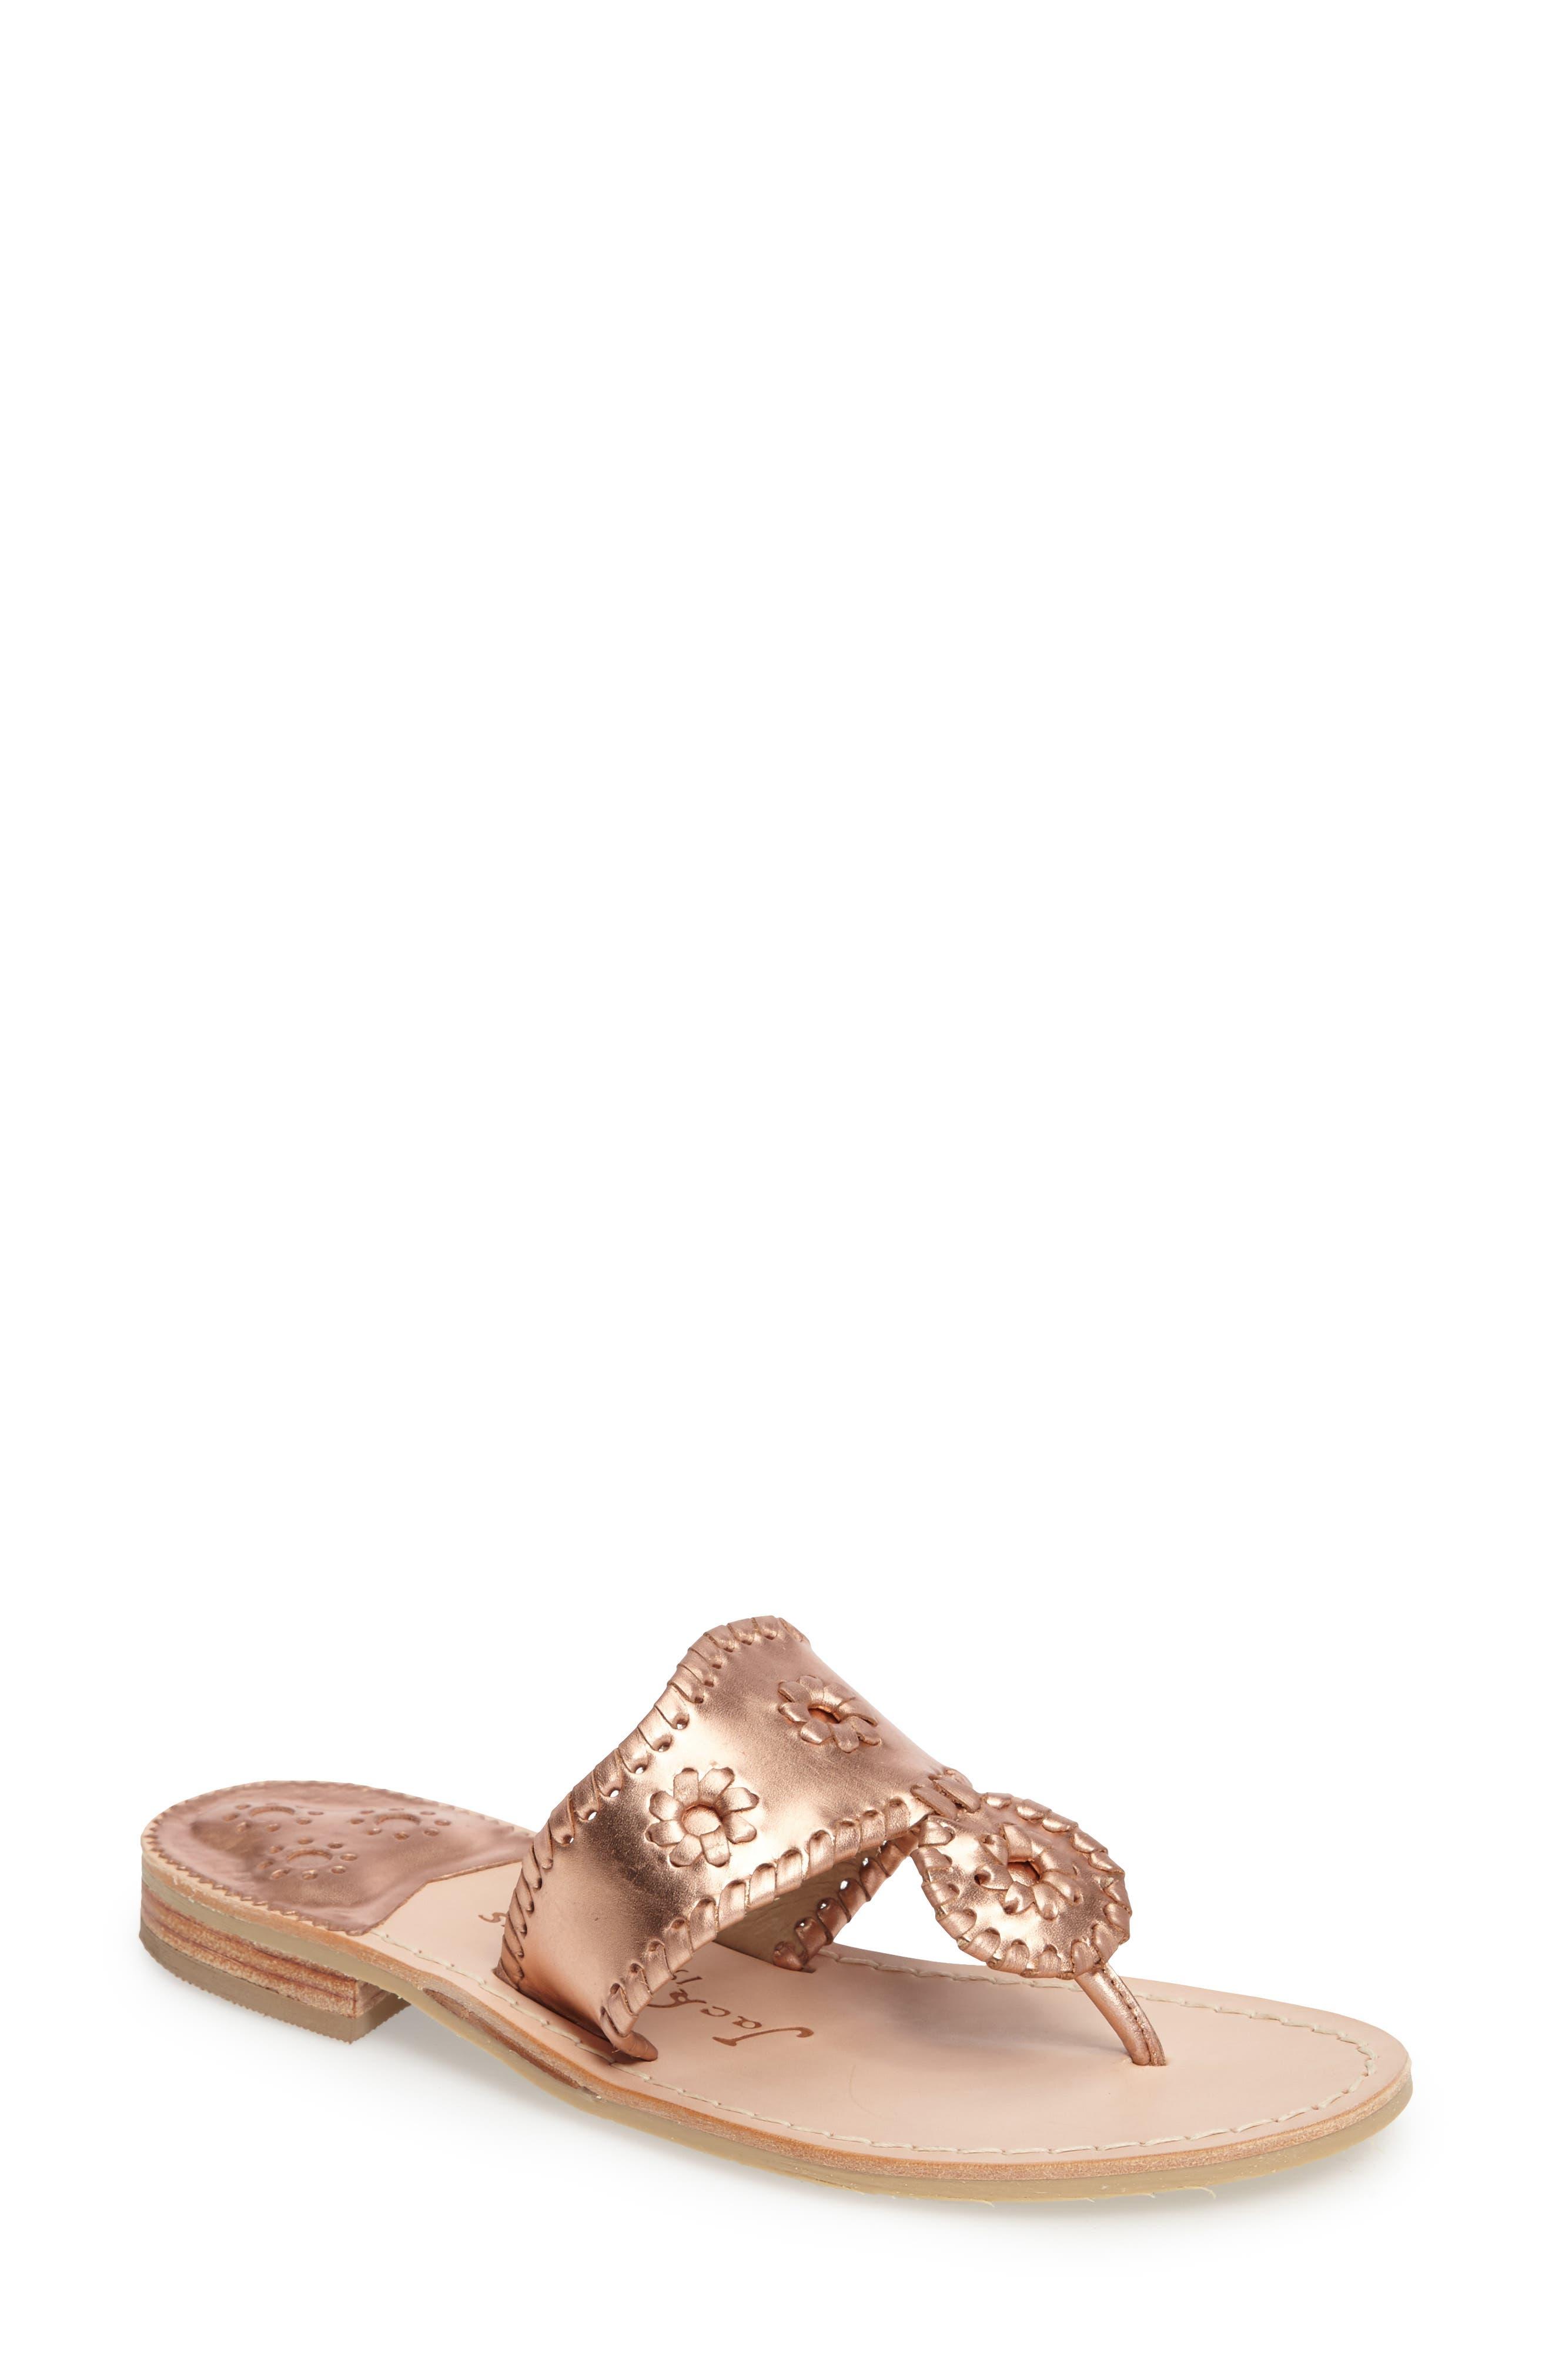 Main Image - Jack Rogers Hamptons Metallic Flip Flop (Women)